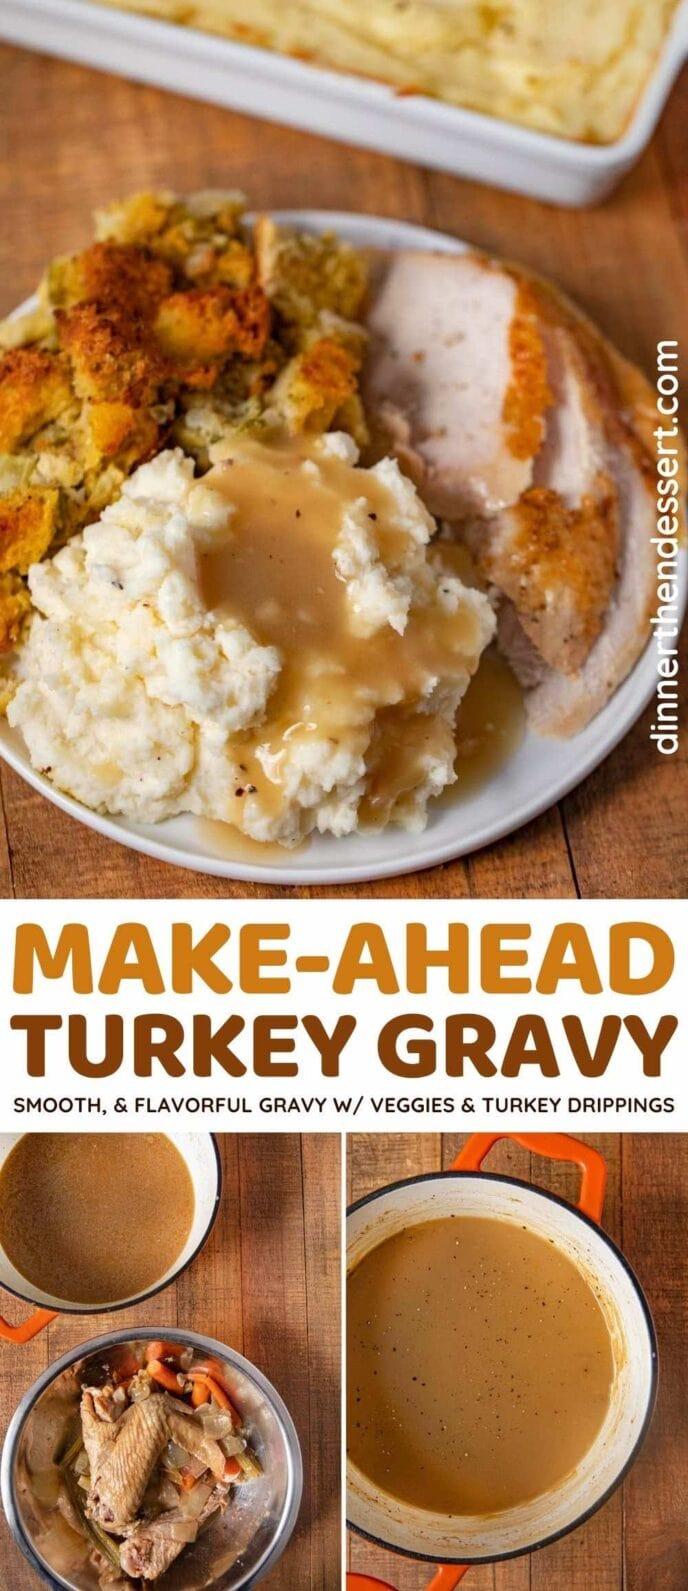 Make-ahead Turkey Gravy collage